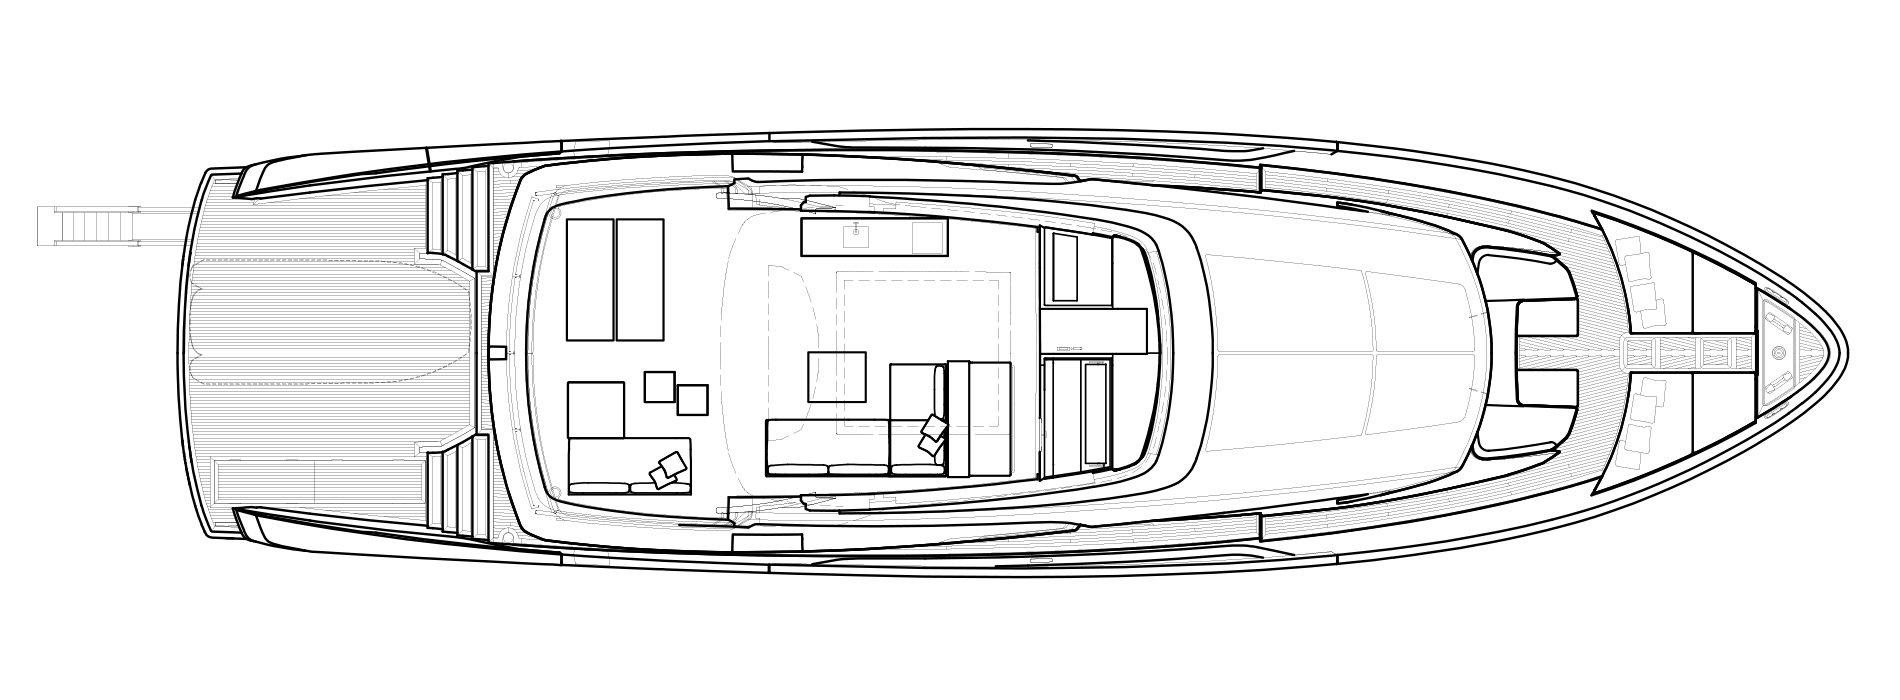 Sanlorenzo Yachts SX88 Außendeck Versione A